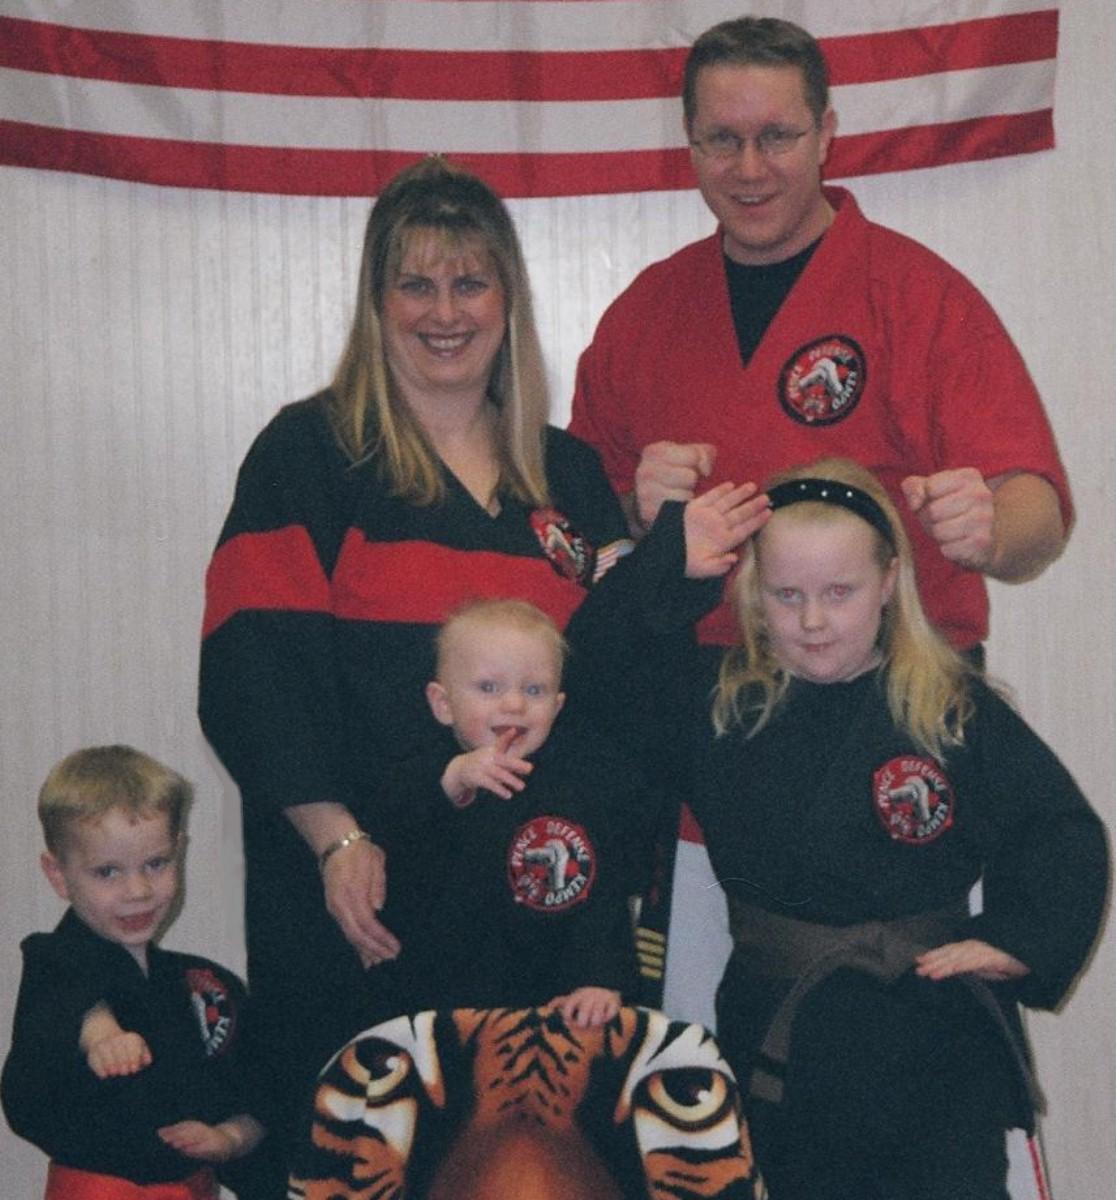 1familypic2003.jpg